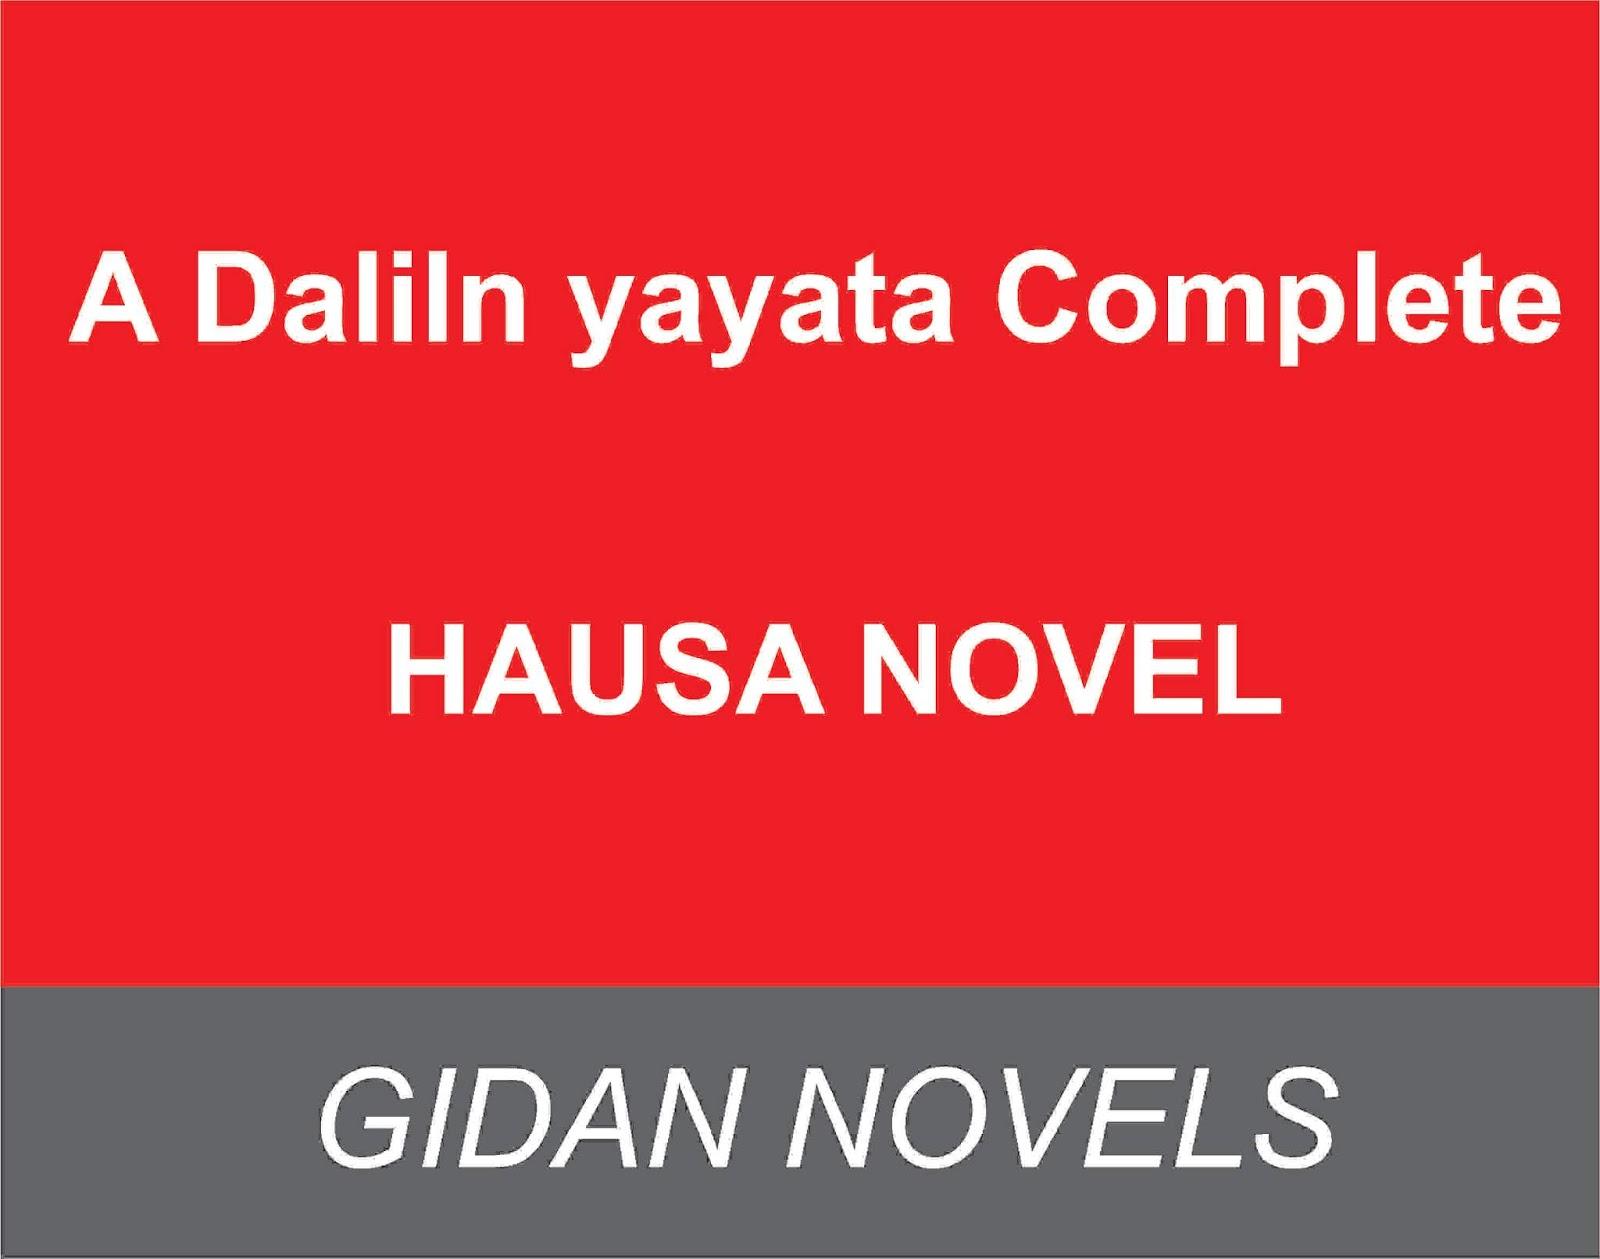 A Daliln yayata Complete- Hausa Novels Blog - Gidan Novels | Hausa